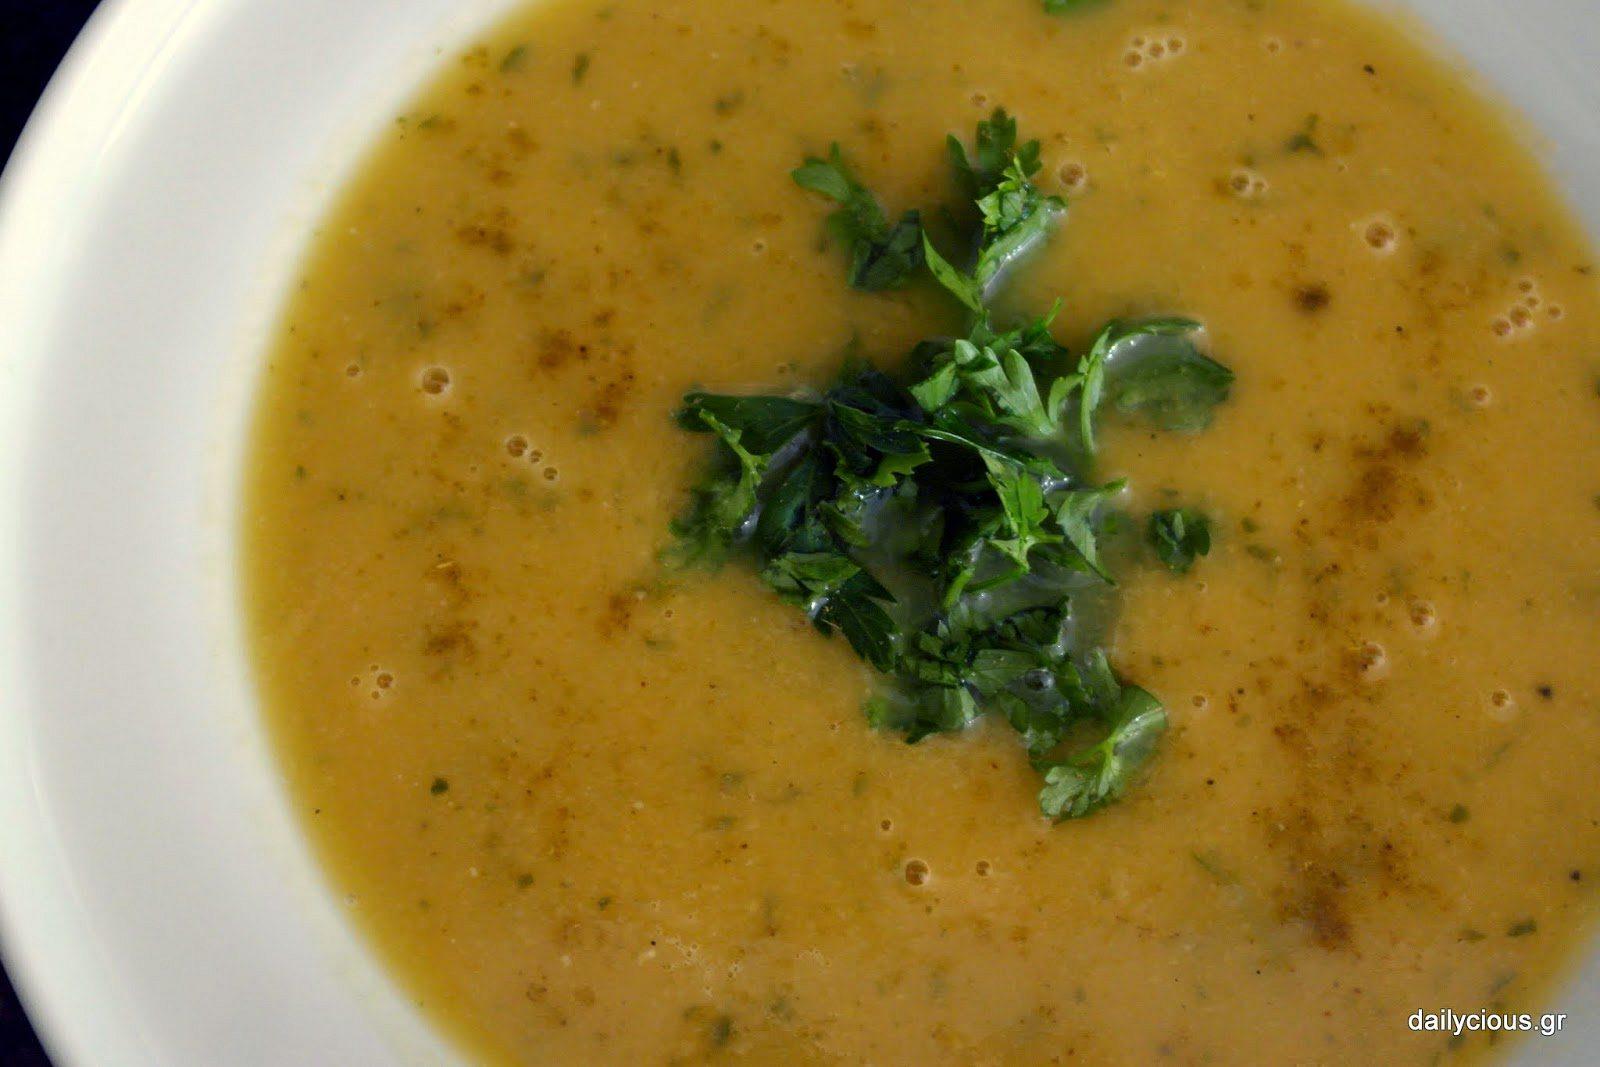 Σούπα με Λαχανικά, Κόκκινη Φακή και Αρωματικά